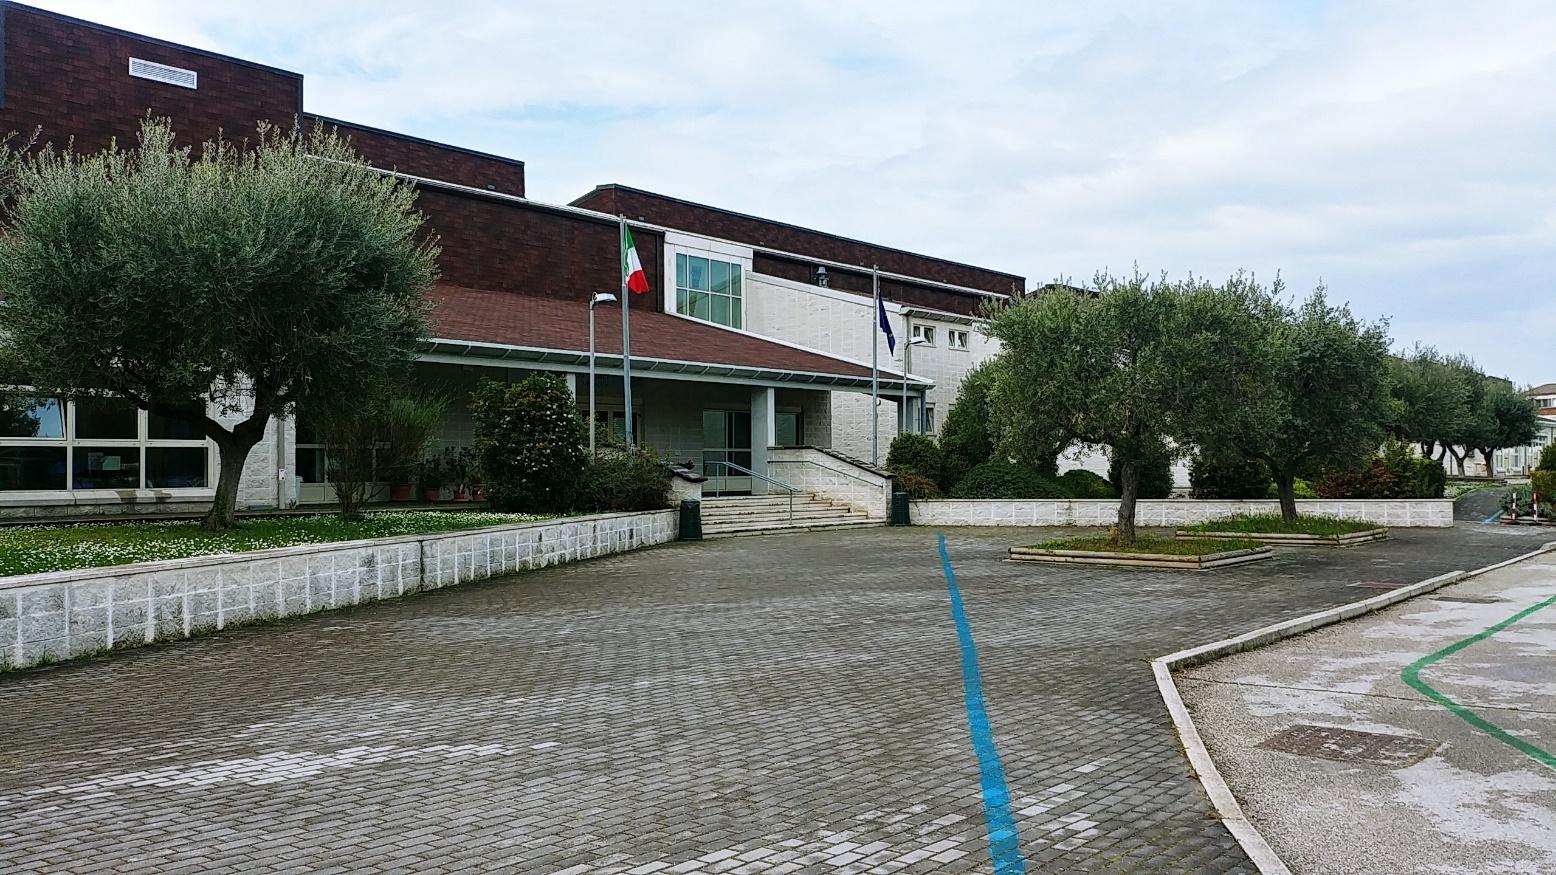 La Provincia di Macerata investe 7 milioni per l'edilizia scolastica